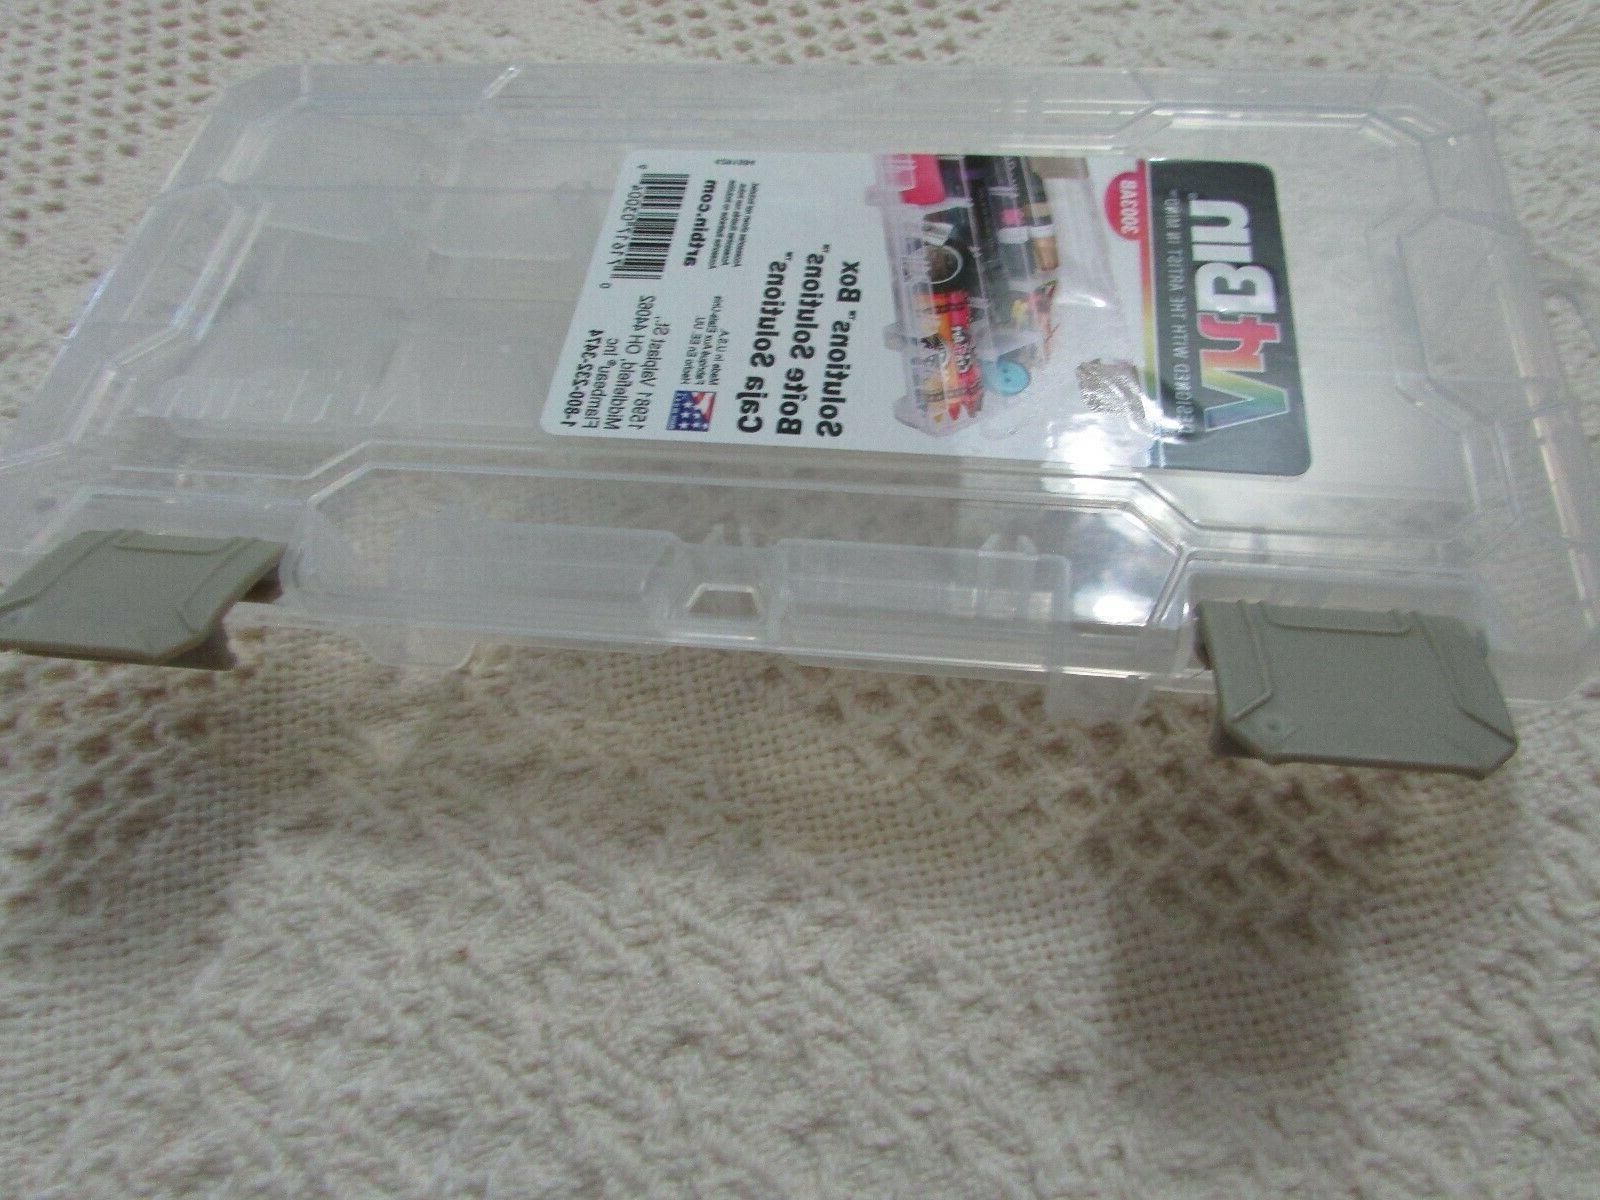 Artbin Box Clear Sewing Storage JUMBO 54